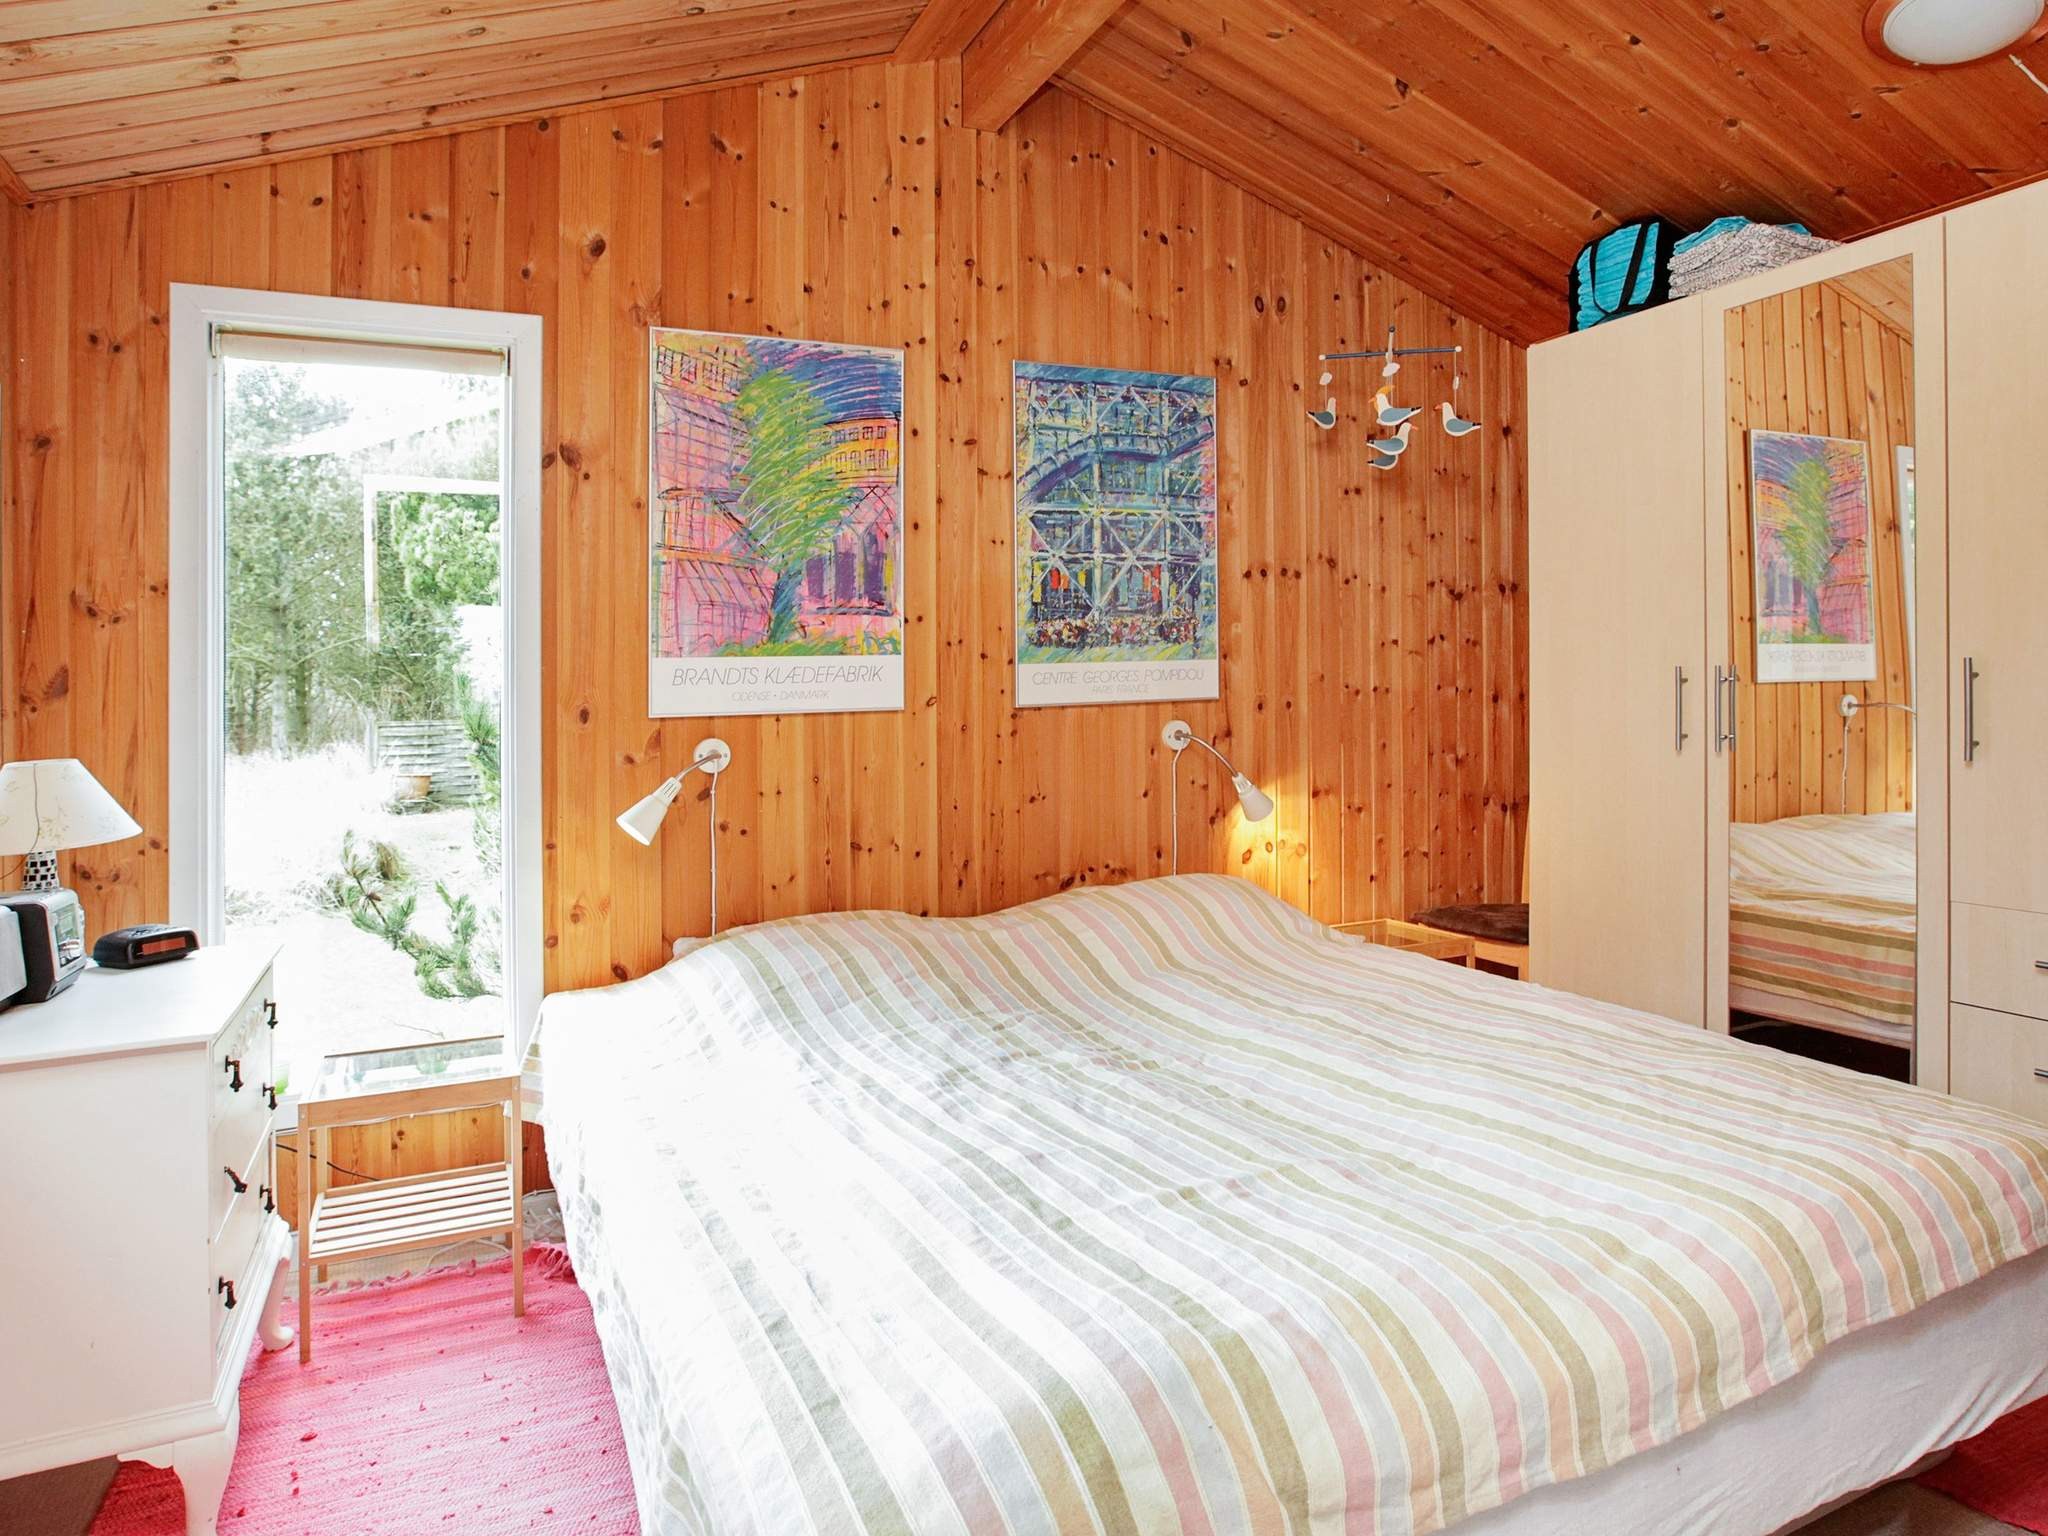 Ferienhaus Kjul Strand (2355604), Hirtshals, , Nordwestjütland, Dänemark, Bild 7